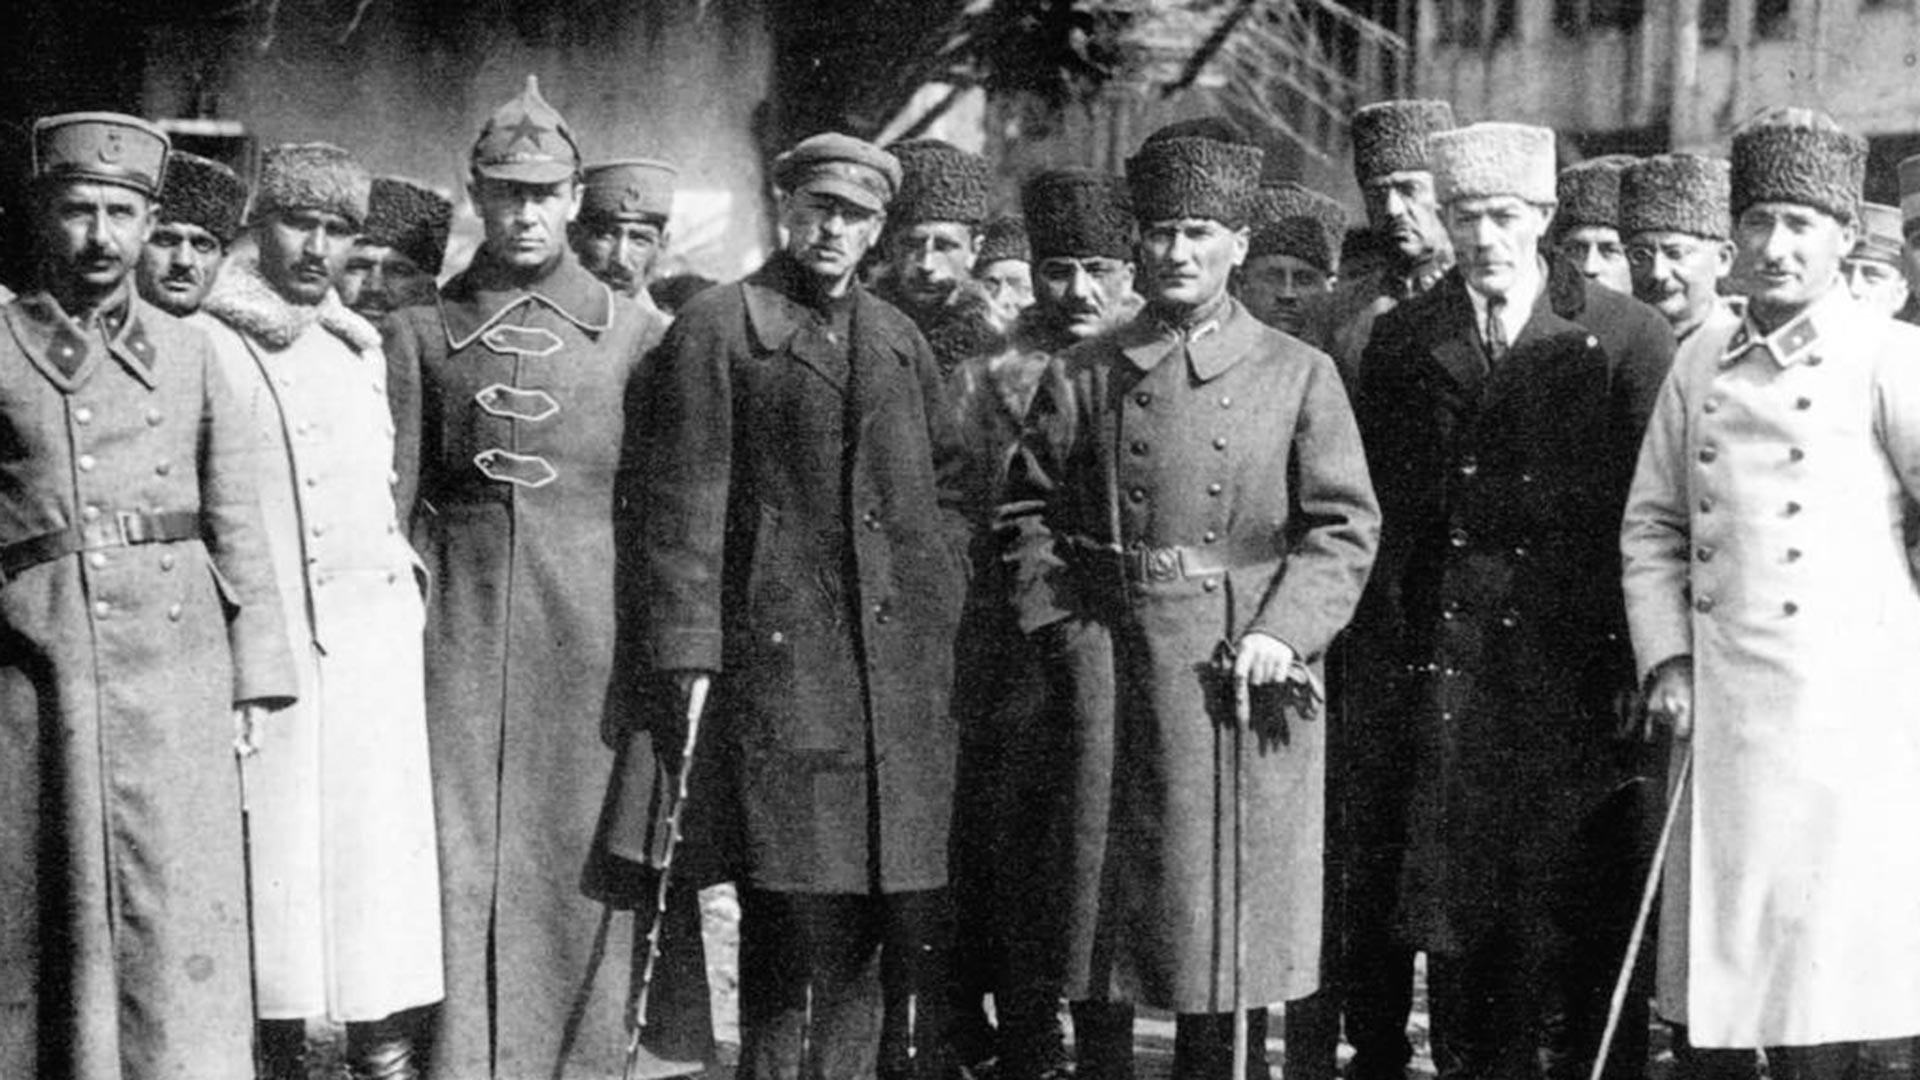 Conseillers militaires de l'Armée rouge et Mustafa Kemal